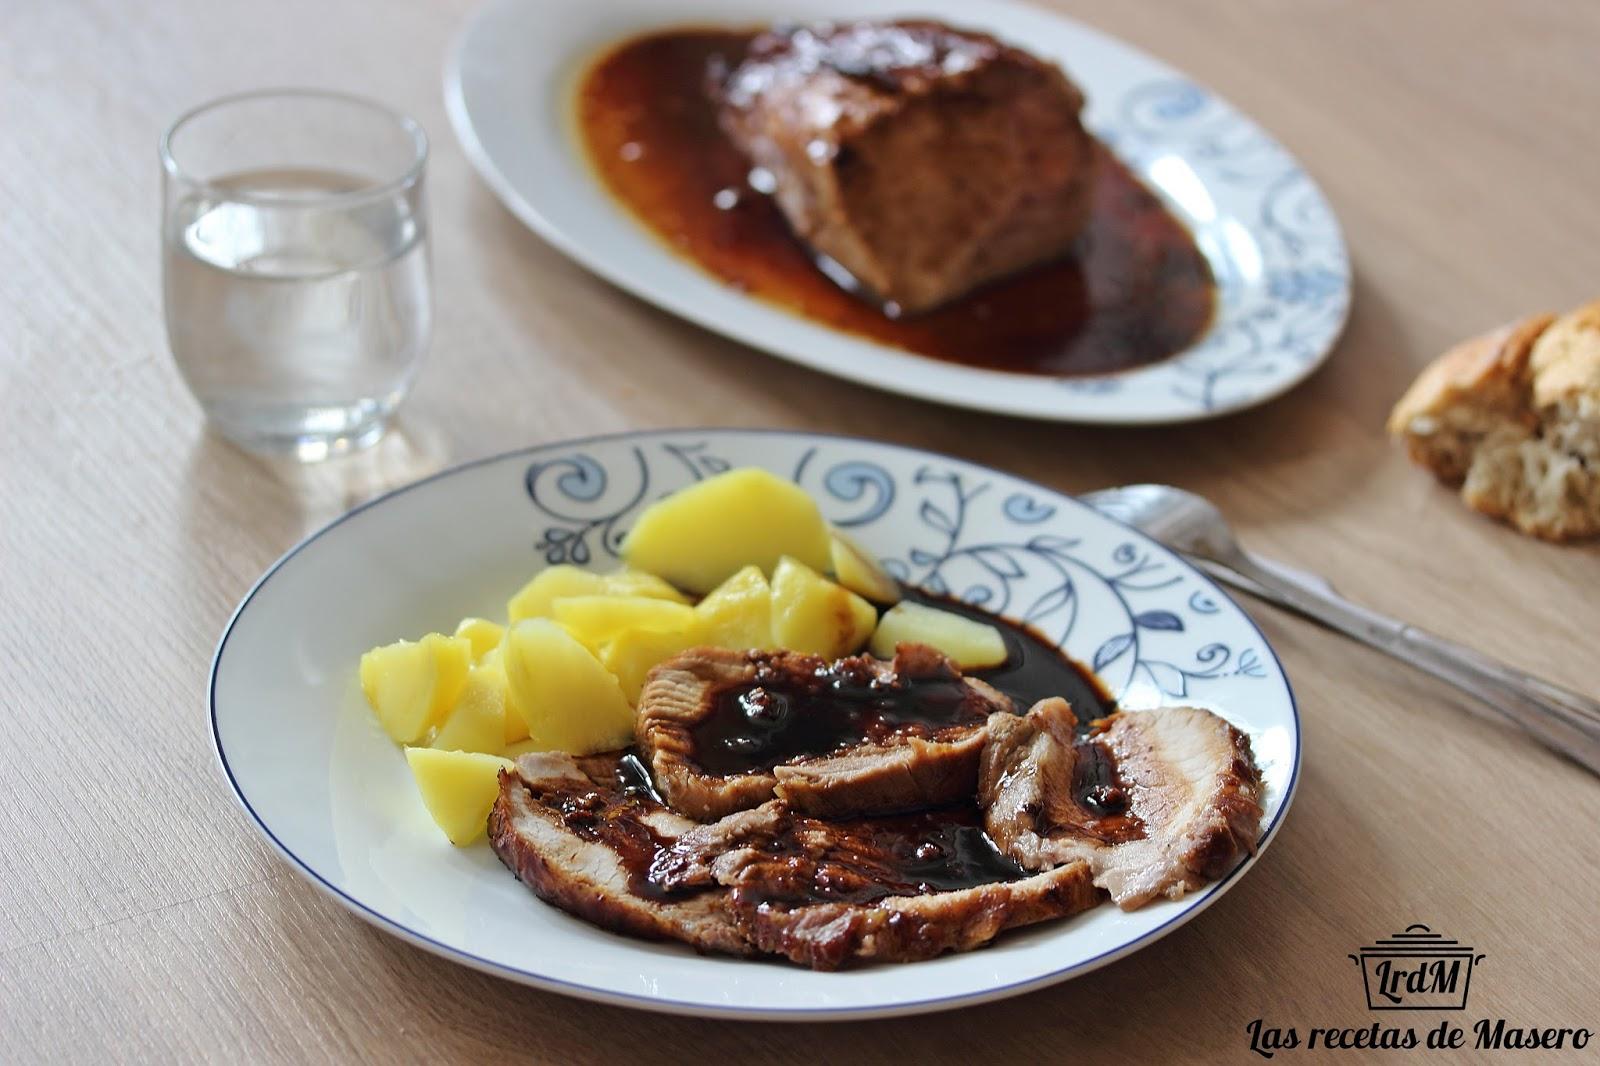 Las recetas de masero lomo de cerdo al horno con miel en for Cocinar xarda al horno